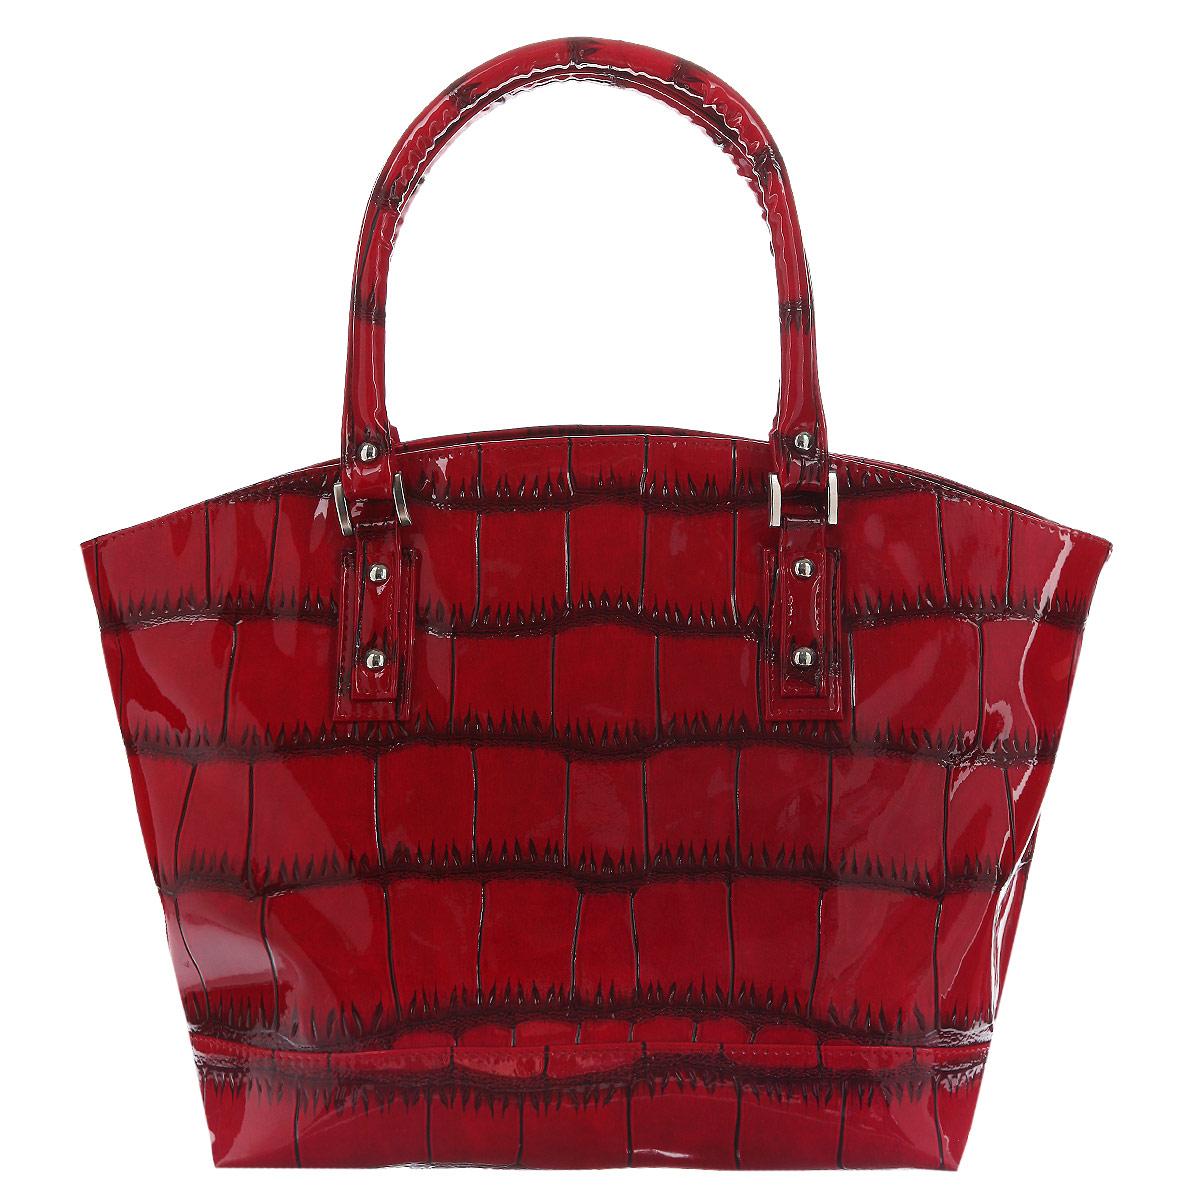 Сумка женская Antan, цвет: красный. 768 В768 В Черепаха лак/красныйЭлегантная сумка Antan Черепаха выполнена из искусственной лакированной кожи, декорирована тиснением под рептилию и дополнена стальной фурнитурой. Сумка имеет одно вместительное отделение, закрывающееся на застежку-молнию. Внутри - один прорезной карман на молнии, два накладных кармана для телефона и мелочей. Тыльная сторона сумки дополнена прорезным карманом на застежке-молнии.. Сумка - это стильный аксессуар, который подчеркнет вашу изысканность и индивидуальность и сделает ваш образ завершенным.